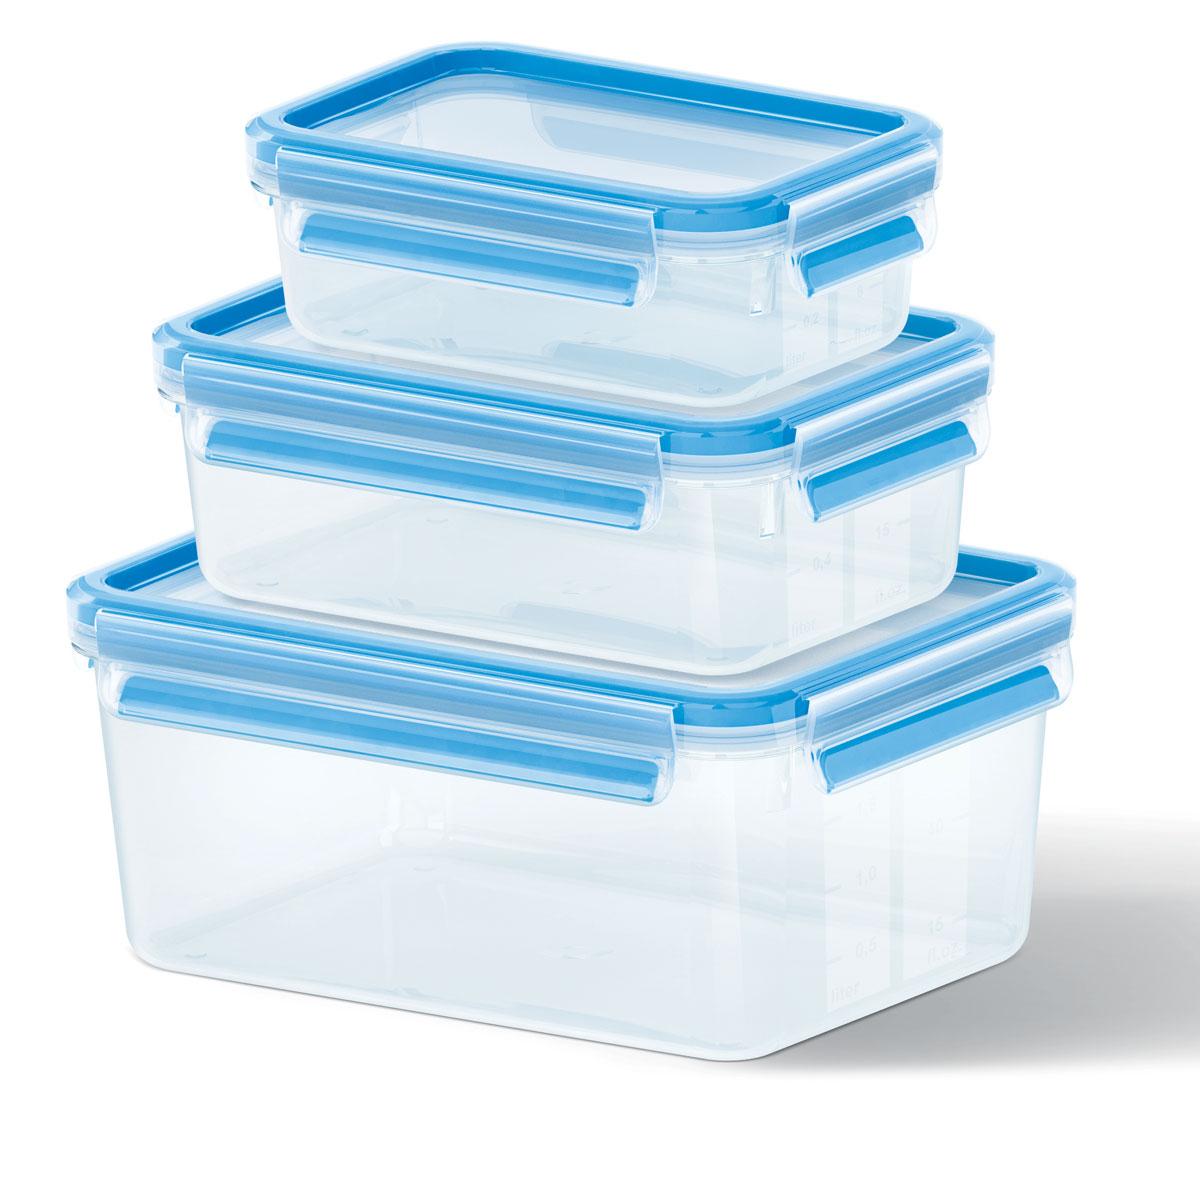 Набор контейнеров Emsa Clip&Close, 3 шт508566Набор Emsa Clip&Close состоит из трех контейнеров разного объема, изготовленных из высококачественного пищевого пластика, который выдерживает температуру от -40°С до +110°С, не впитывает запахи и не изменяет цвет. Это абсолютно гигиеничный продукт, который подходит для хранения даже детского питания. Изделия снабжены крышками, плотно закрывающимися на 4 защелки. Герметичность достигается за счет специальных силиконовых прослоек, которые позволяют использовать контейнер для хранения не только пищи, но и жидкости. В таком контейнере продукты долгое время сохраняют свою свежесть. Прозрачные стенки позволяют просматривать содержимое. Сбоку имеются отметки литража. Изделия подходят для домашнего использования, для пикников, поездок, такие контейнеры удобно брать с собой на работу или учебу. Можно использовать в СВЧ-печах, холодильниках, посудомоечных машинах, морозильных камерах. Объем контейнеров: 0,55 л, 1 л, 2,3 л. Размер контейнеров: 16...